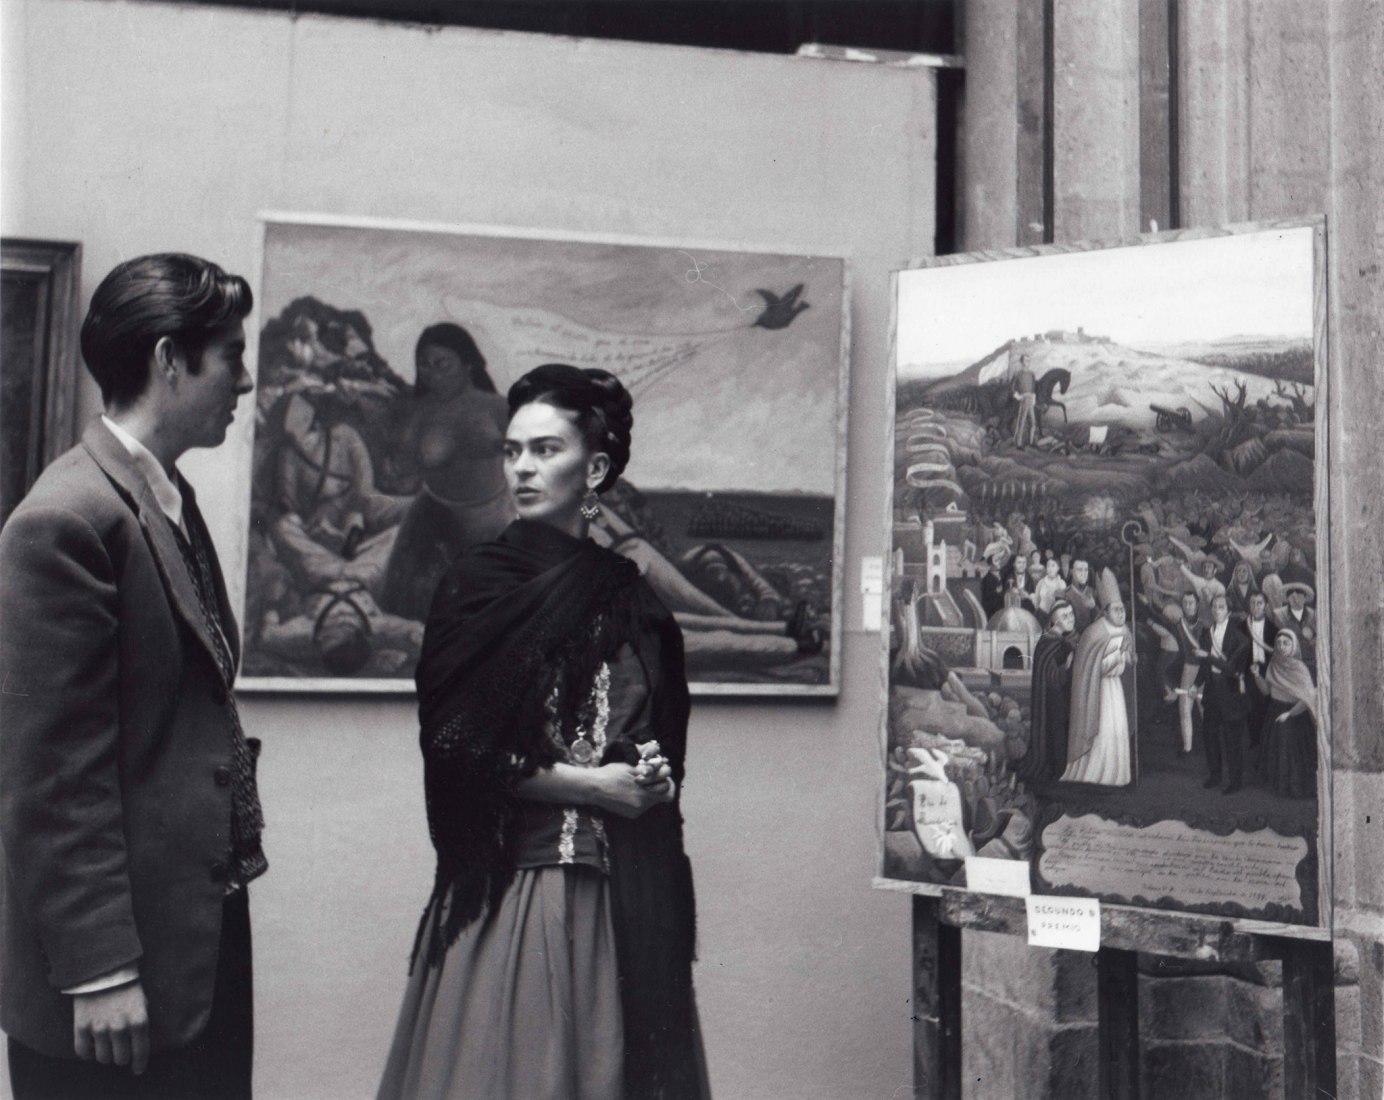 Frida Kahlo y Arturo Estrada en una exposición. Fotografía por Lola Álvarez Bravo (1944).